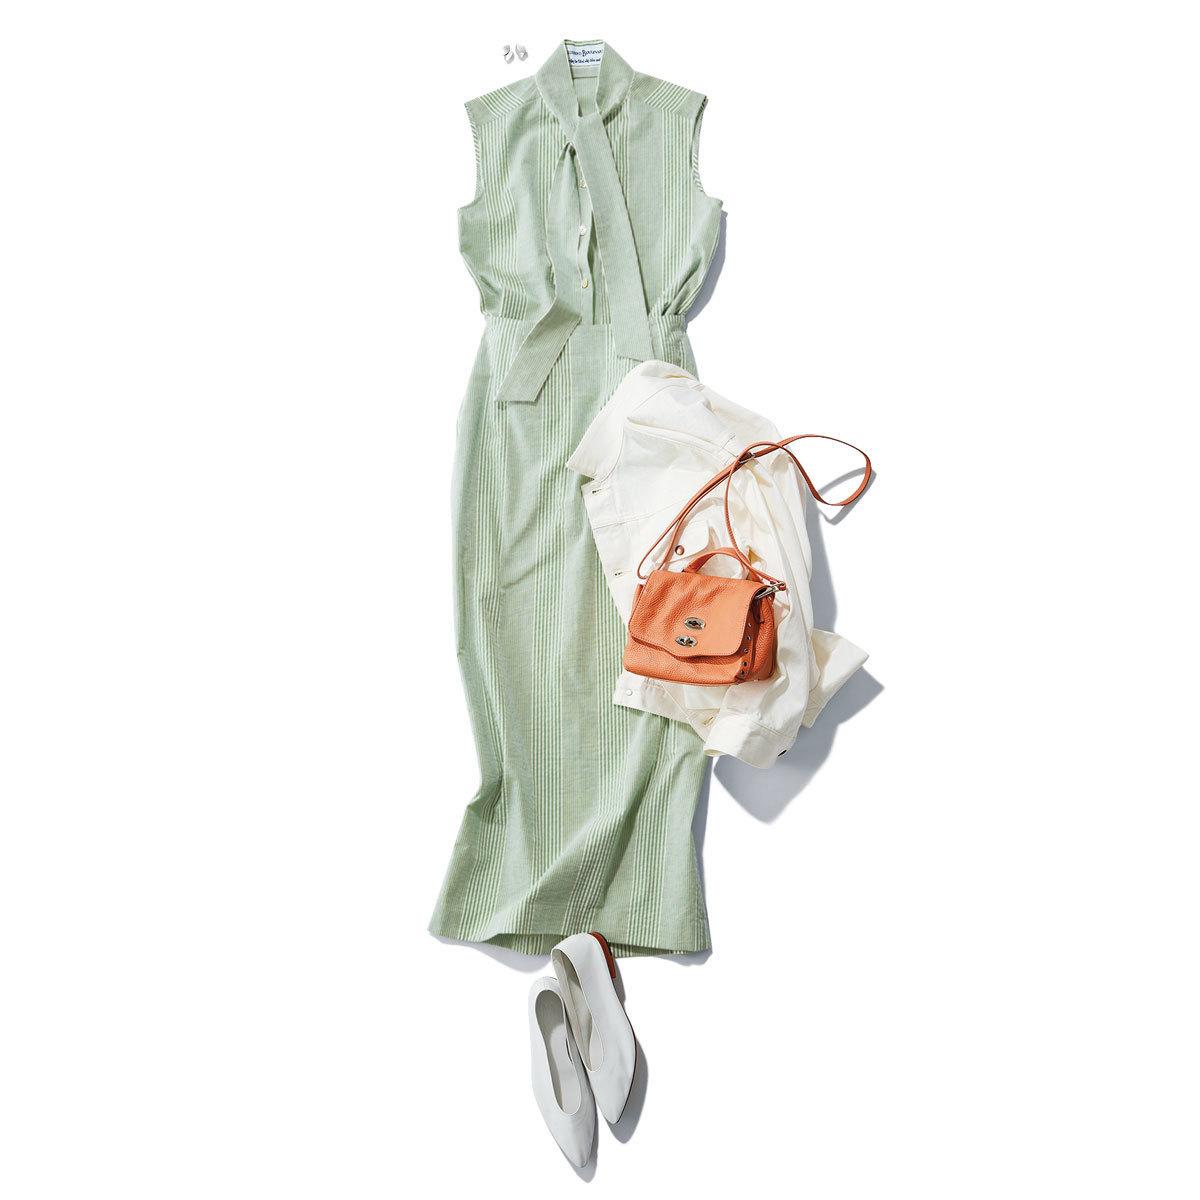 ■ライトグリーンのノースリーブとタイトスカートのセットアップコーデ